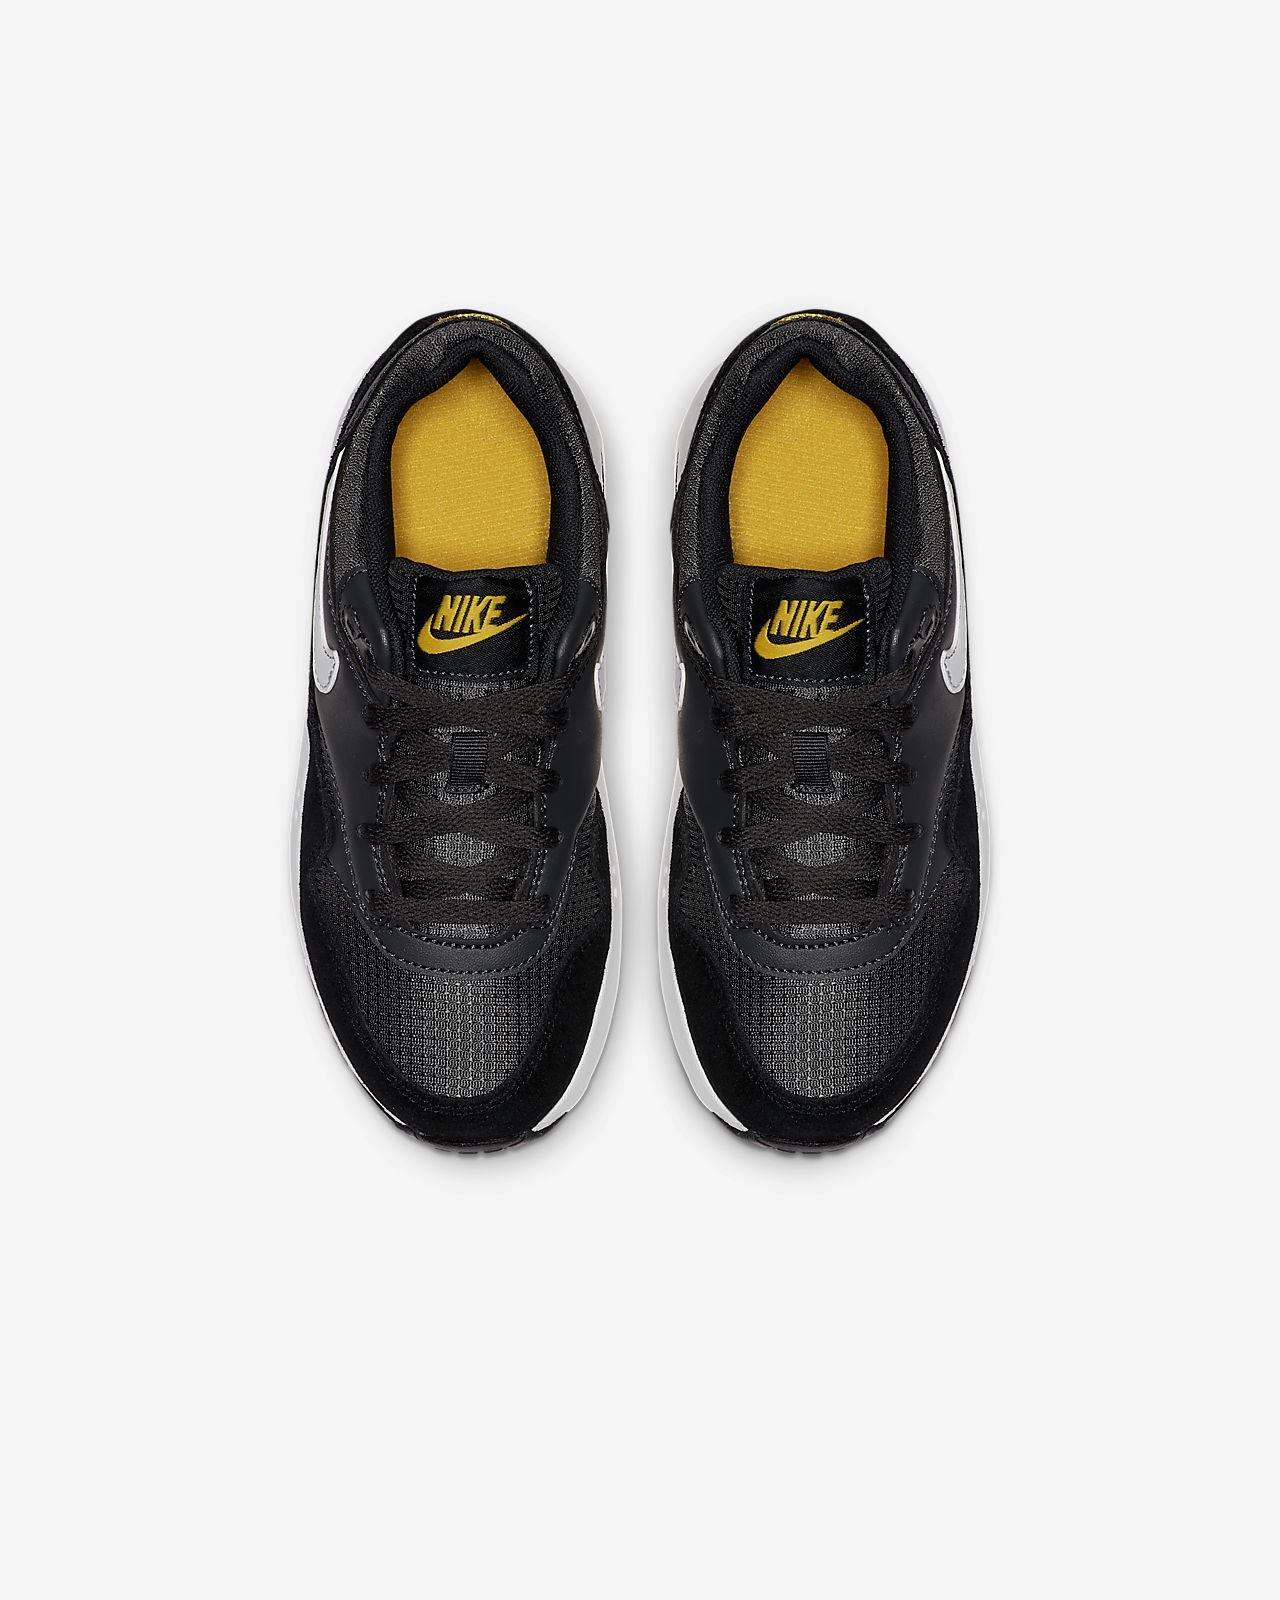 0fd261818b0 Calzado para niños talla pequeña Nike Air Max 1. Nike.com MX